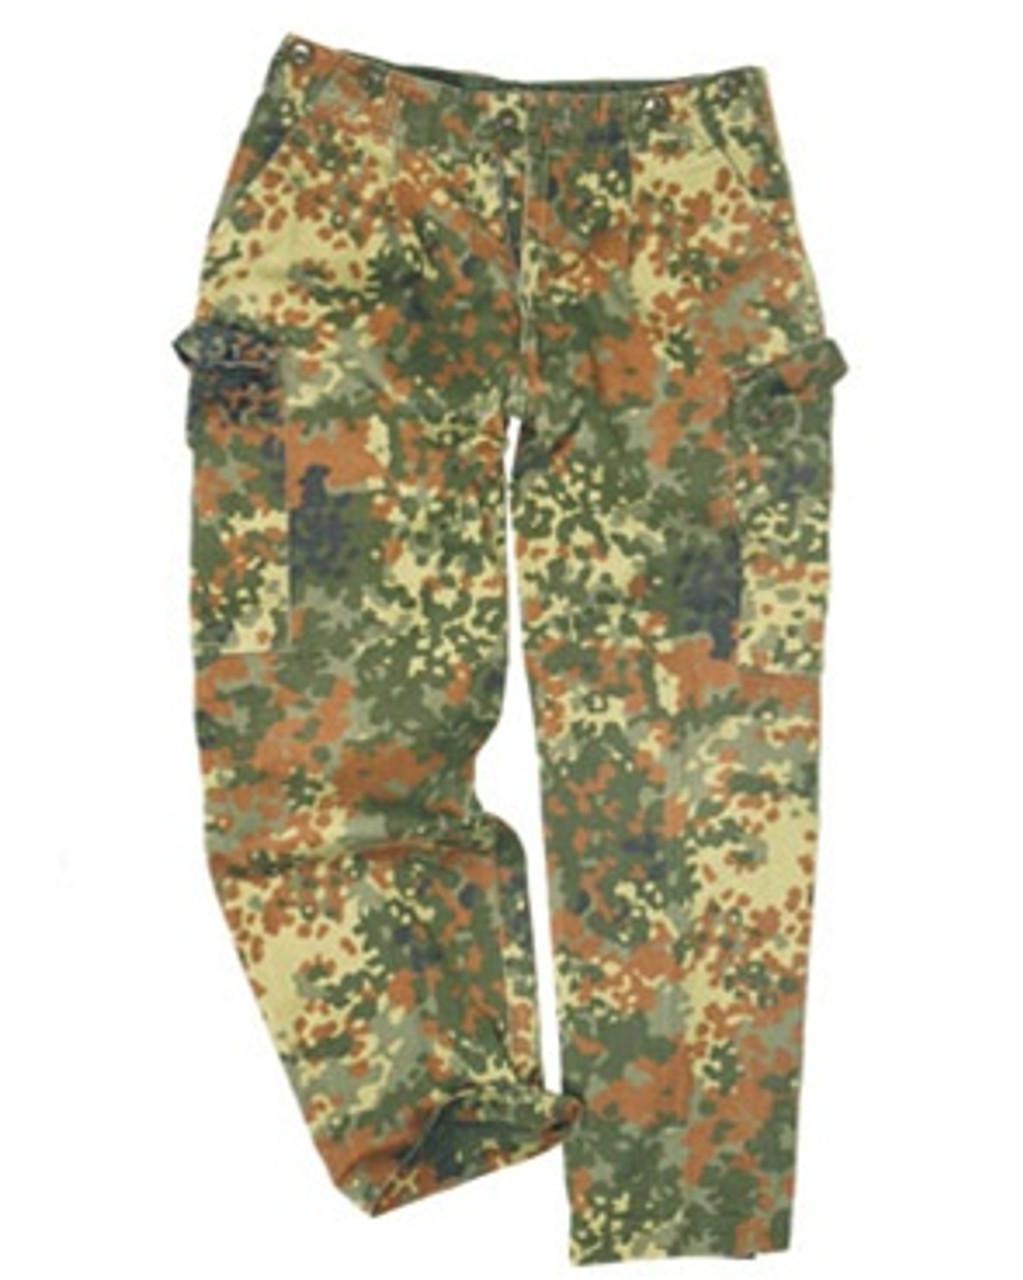 German Flectar Camo Field Pants from Hessen Surplus